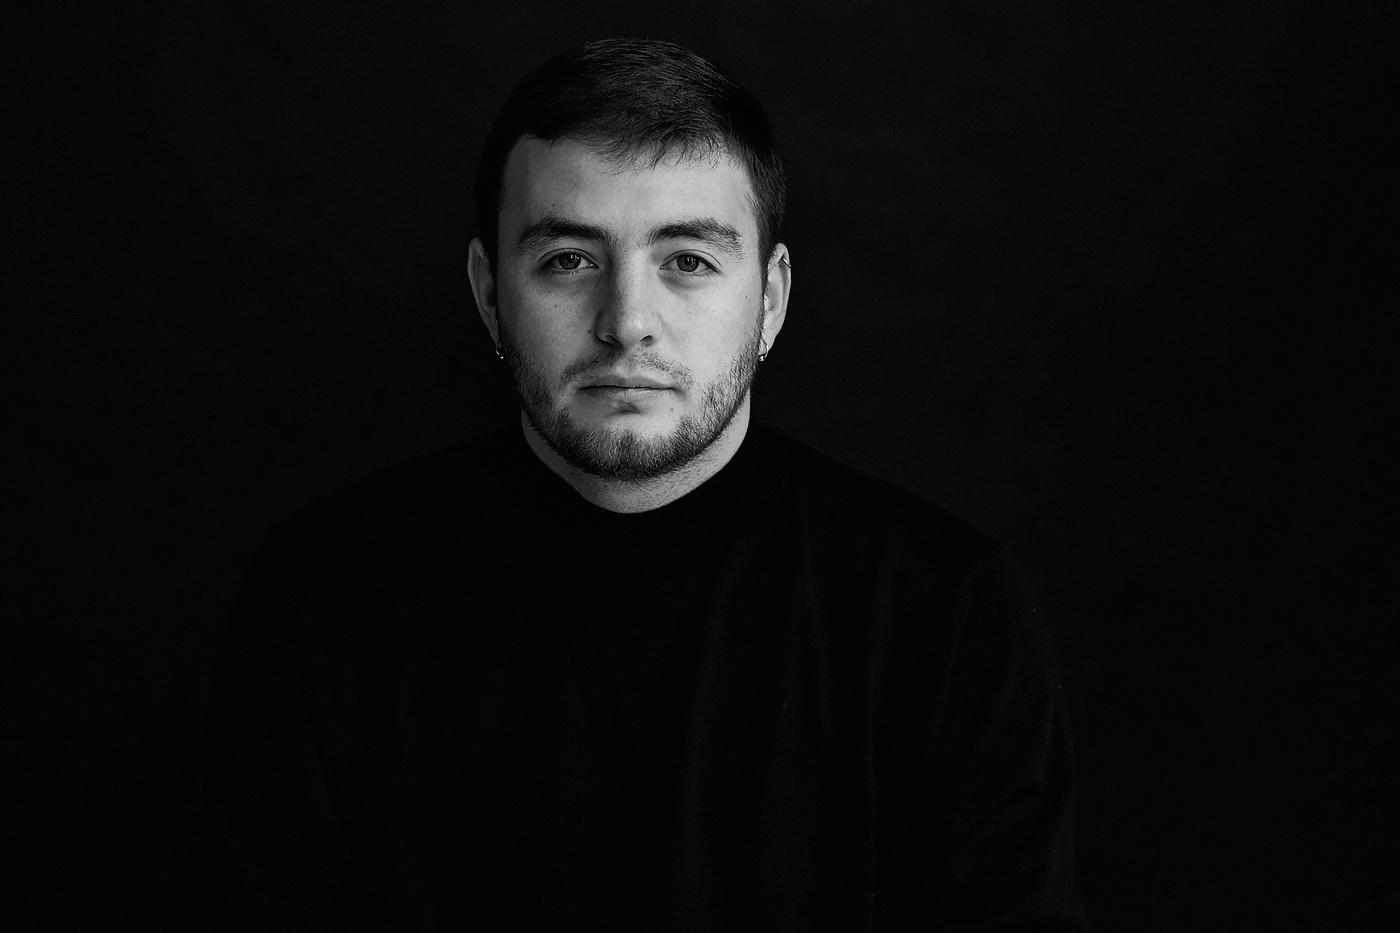 Український переможець фотоконкурсу Leica — про те, навіщо Києву свій фотоярмарок